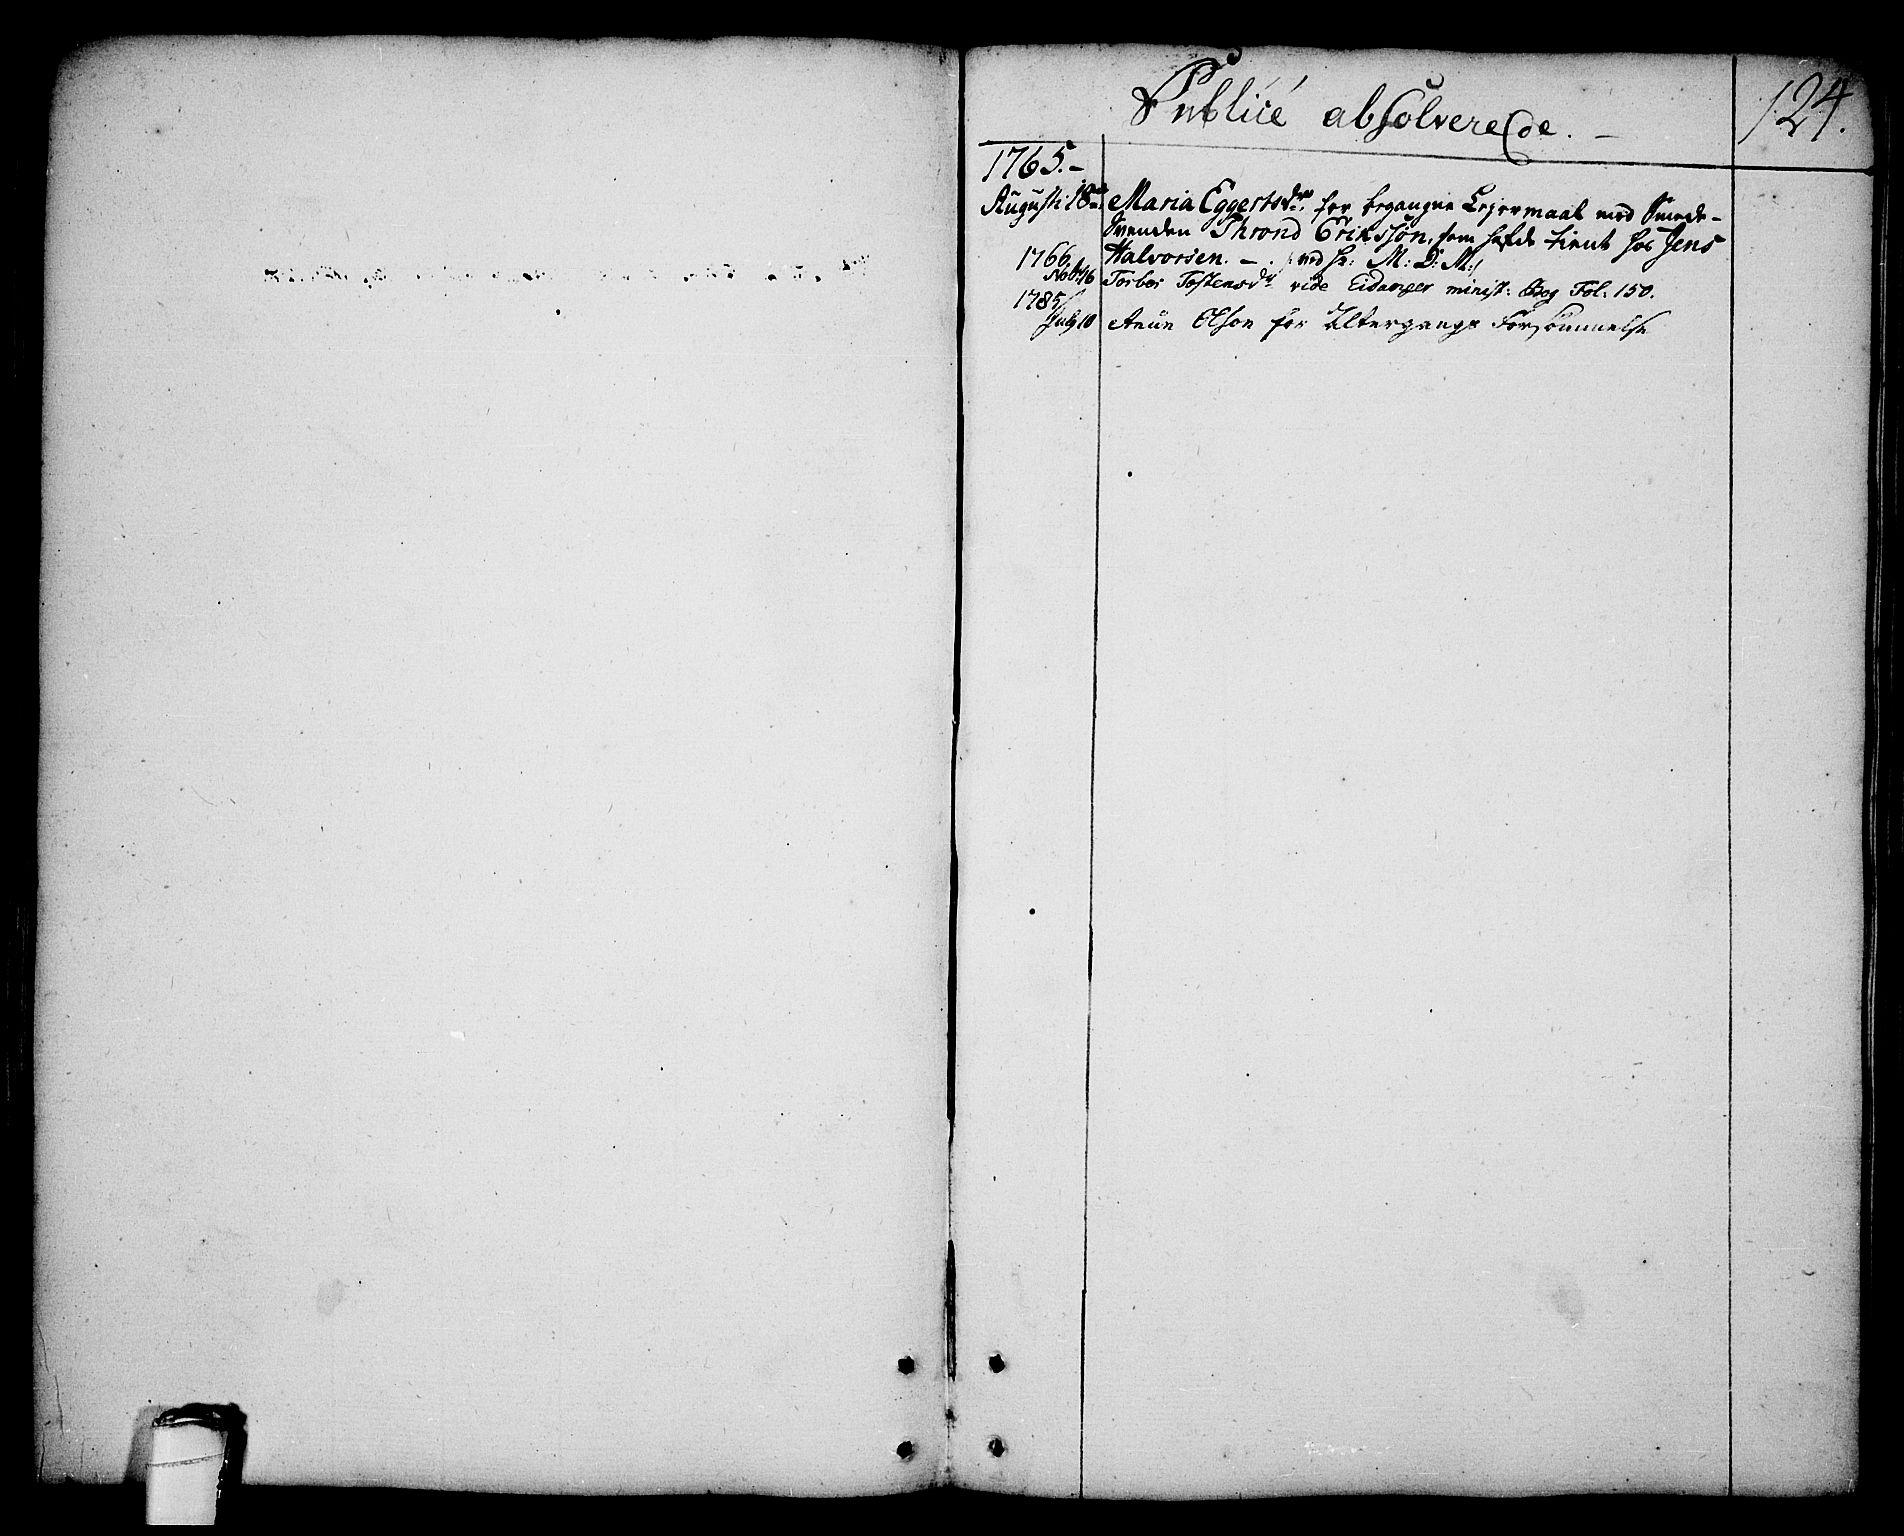 SAKO, Brevik kirkebøker, F/Fa/L0003: Ministerialbok nr. 3, 1764-1814, s. 124